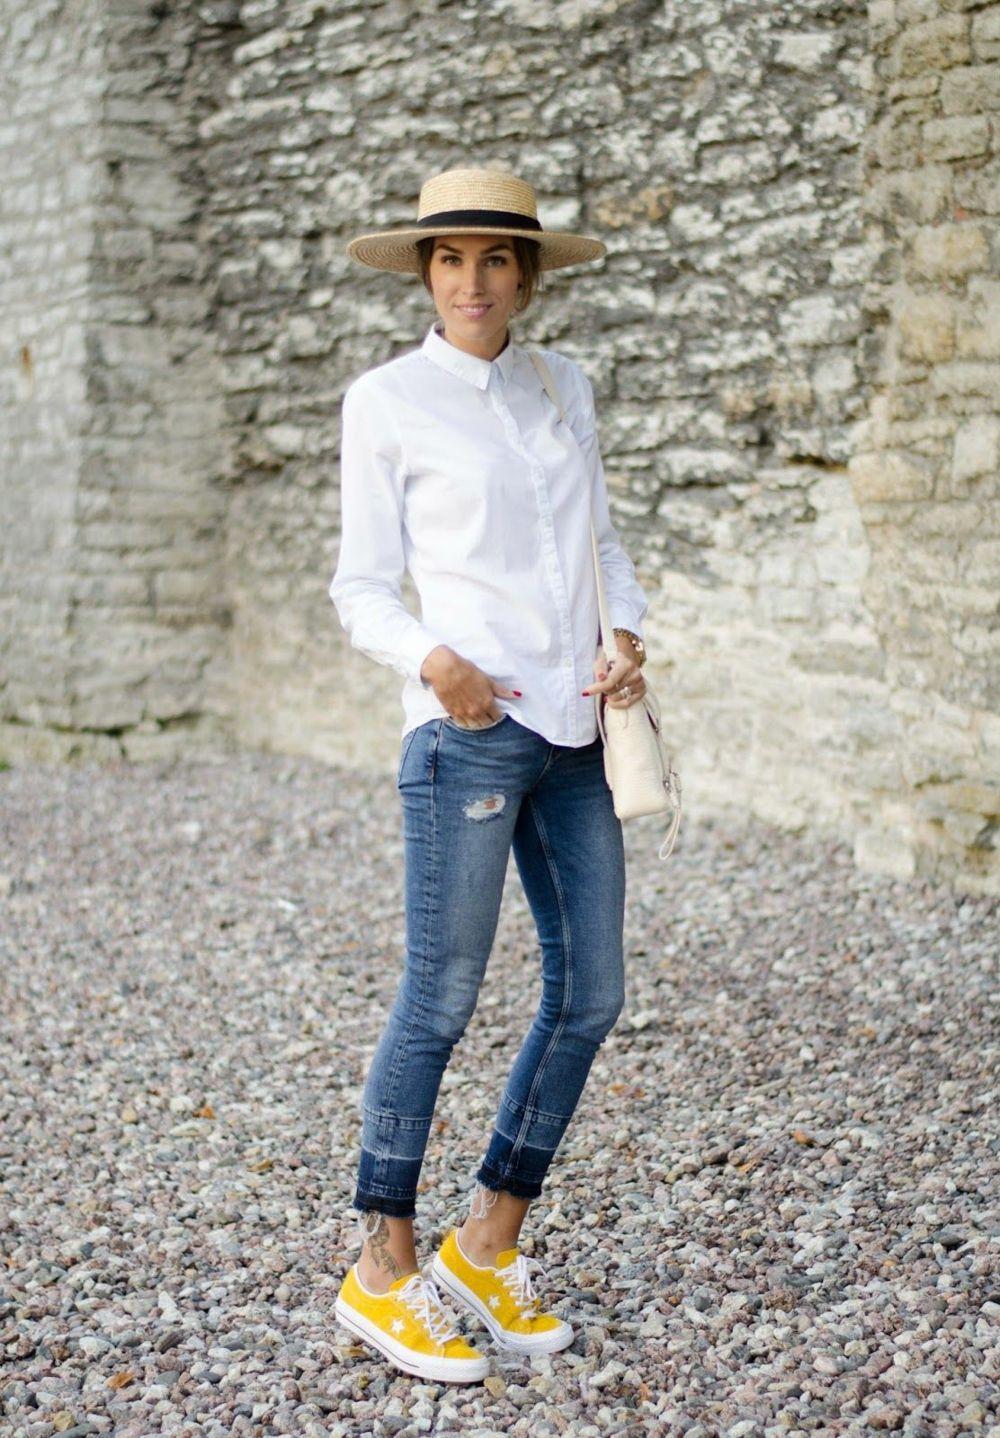 Gelbe Schuhe und das passende Outfit sorgen für einen